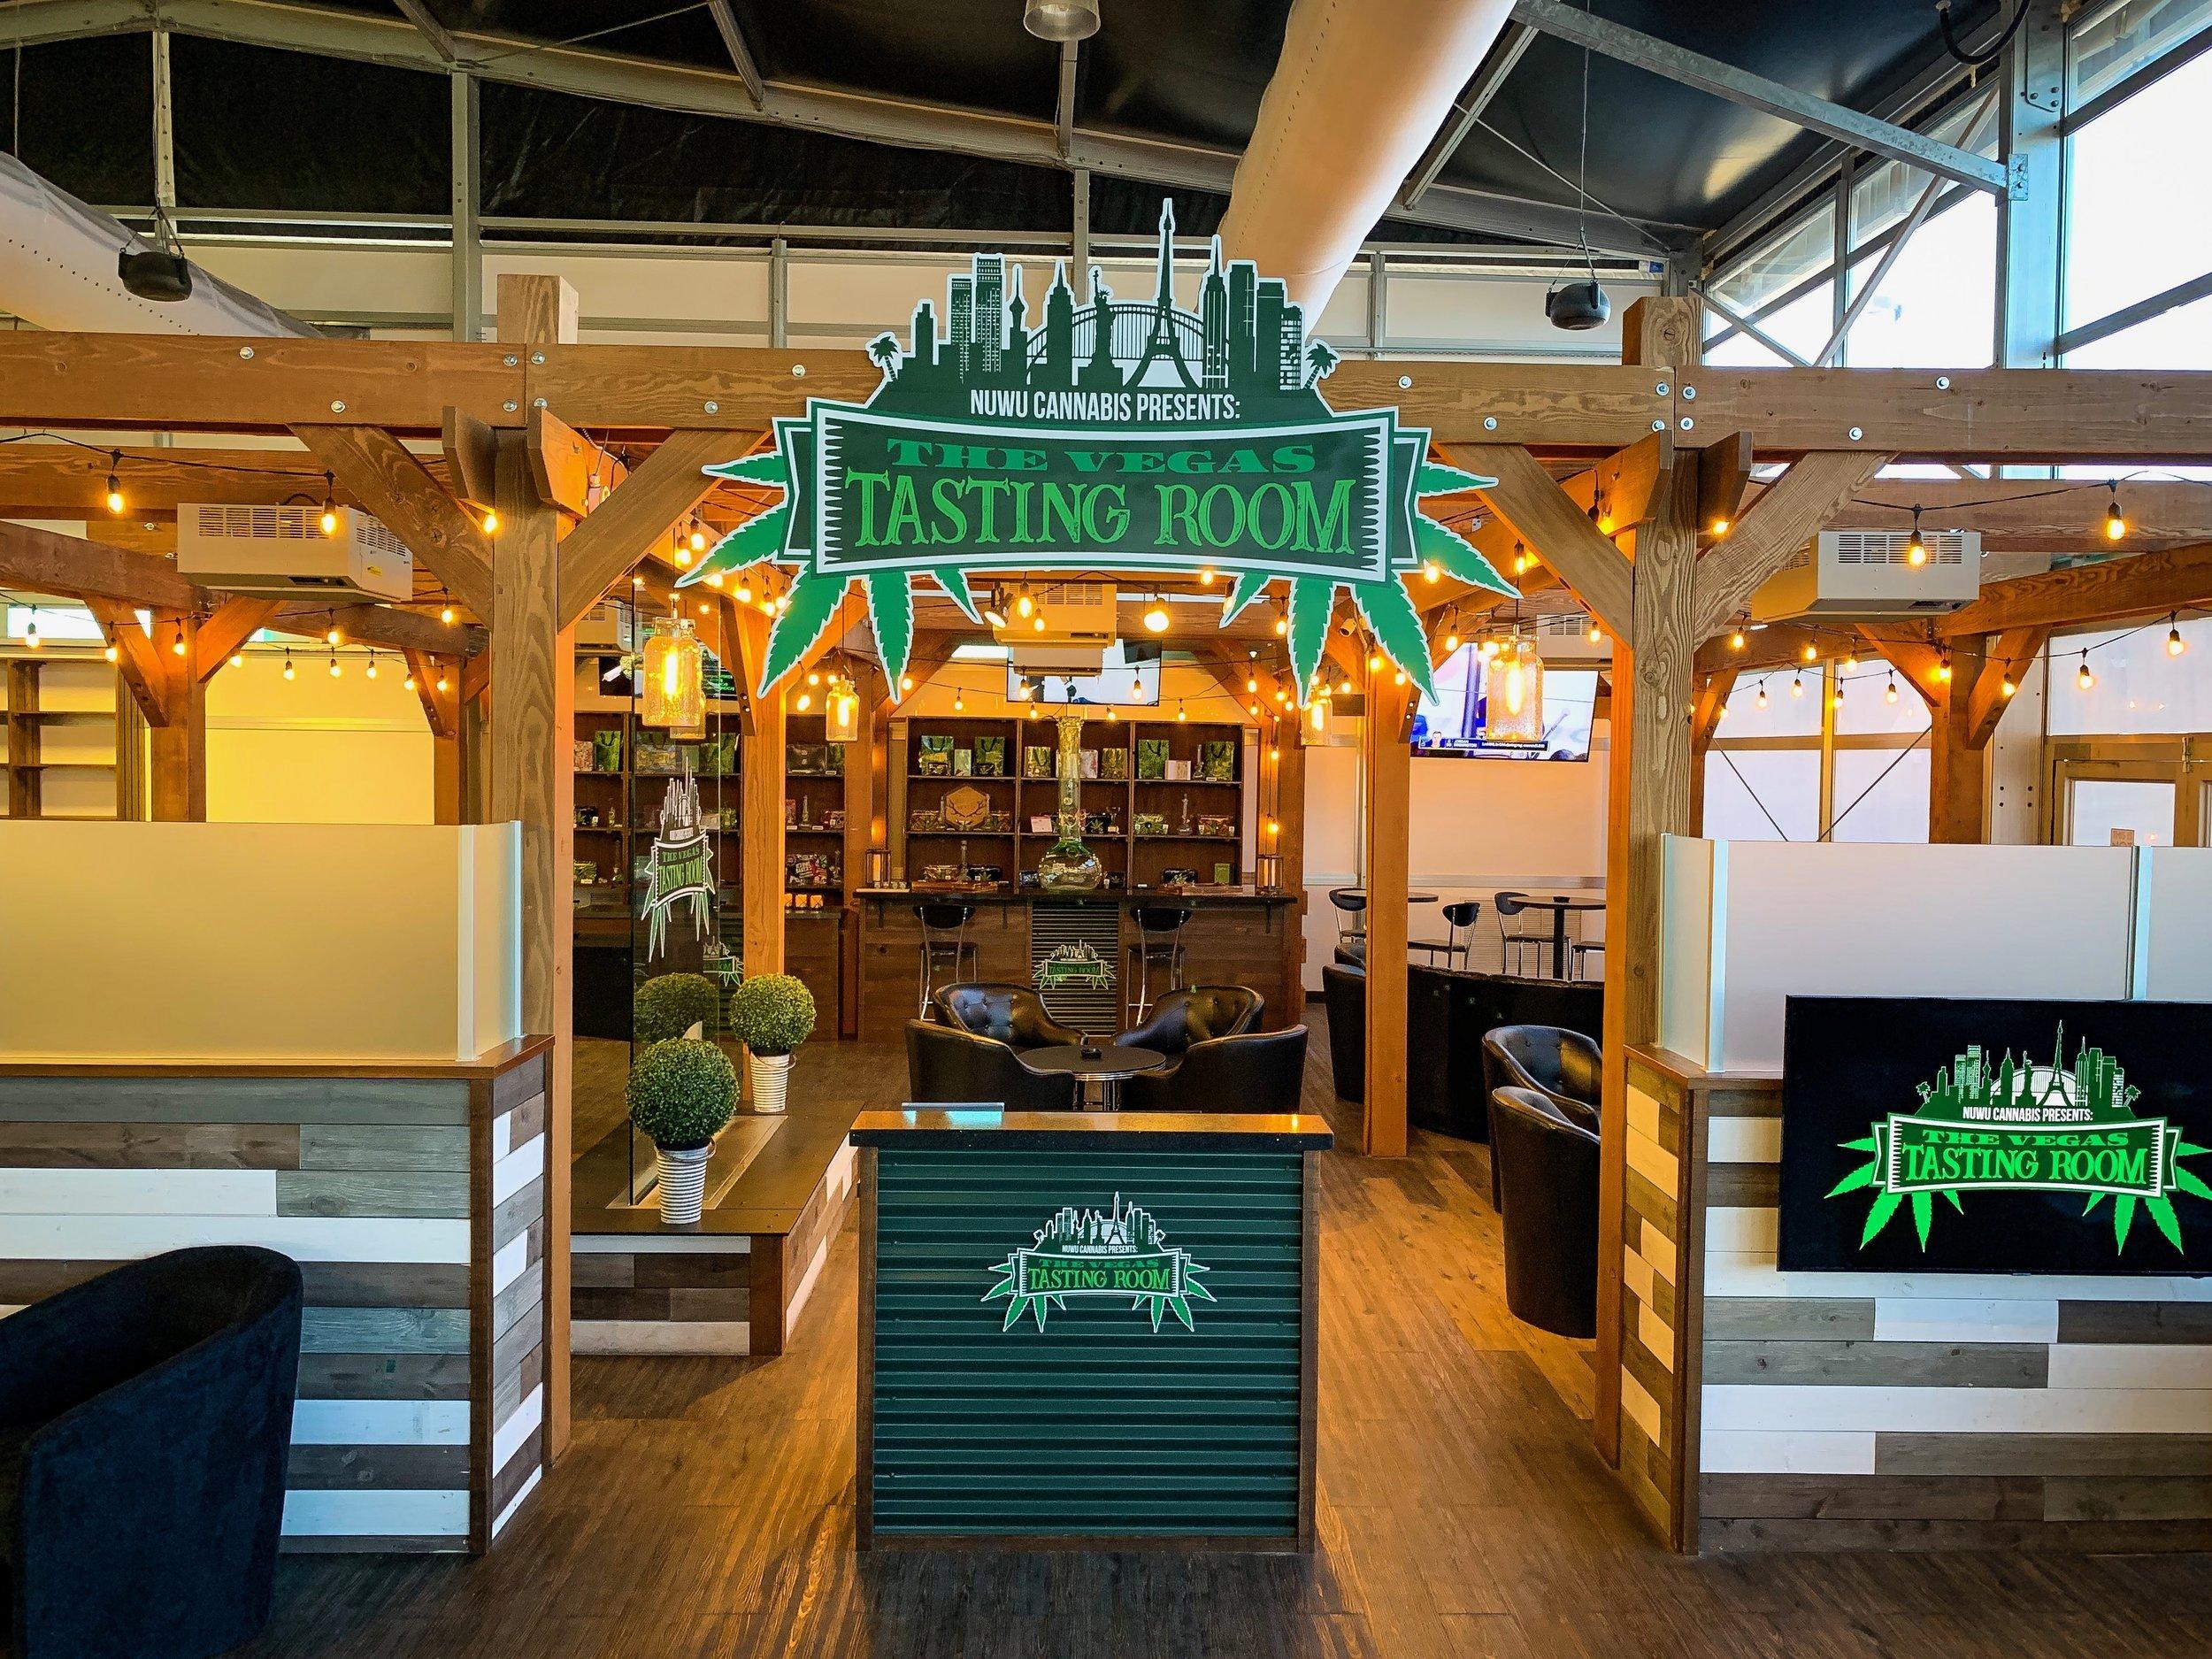 NuWu Cannabis Tasting Room